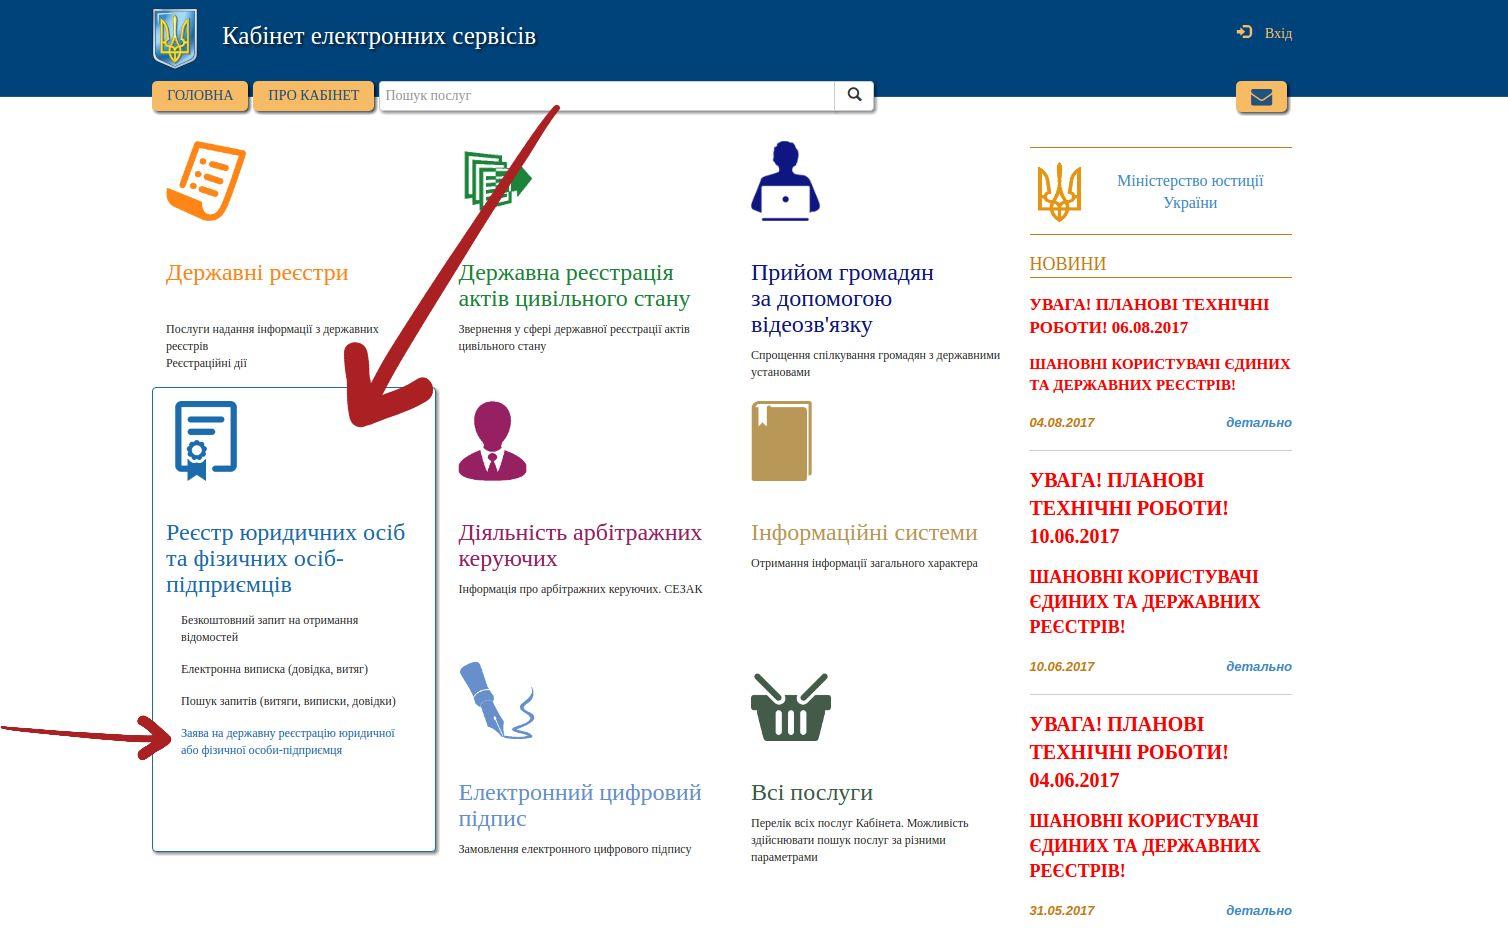 Как стать частным предпринимателем в Украине в 2017 через Интернет?